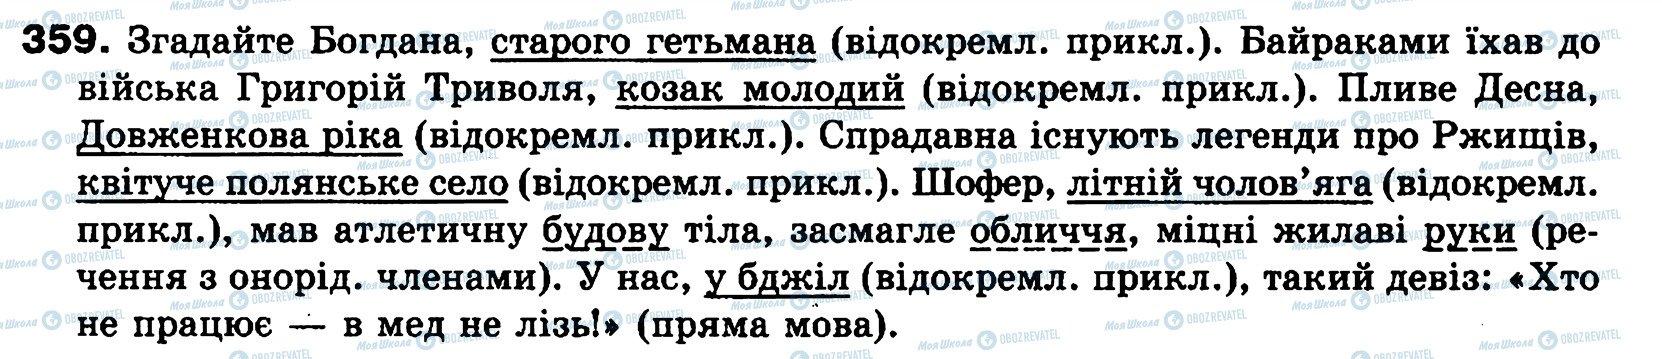 ГДЗ Українська мова 8 клас сторінка 359